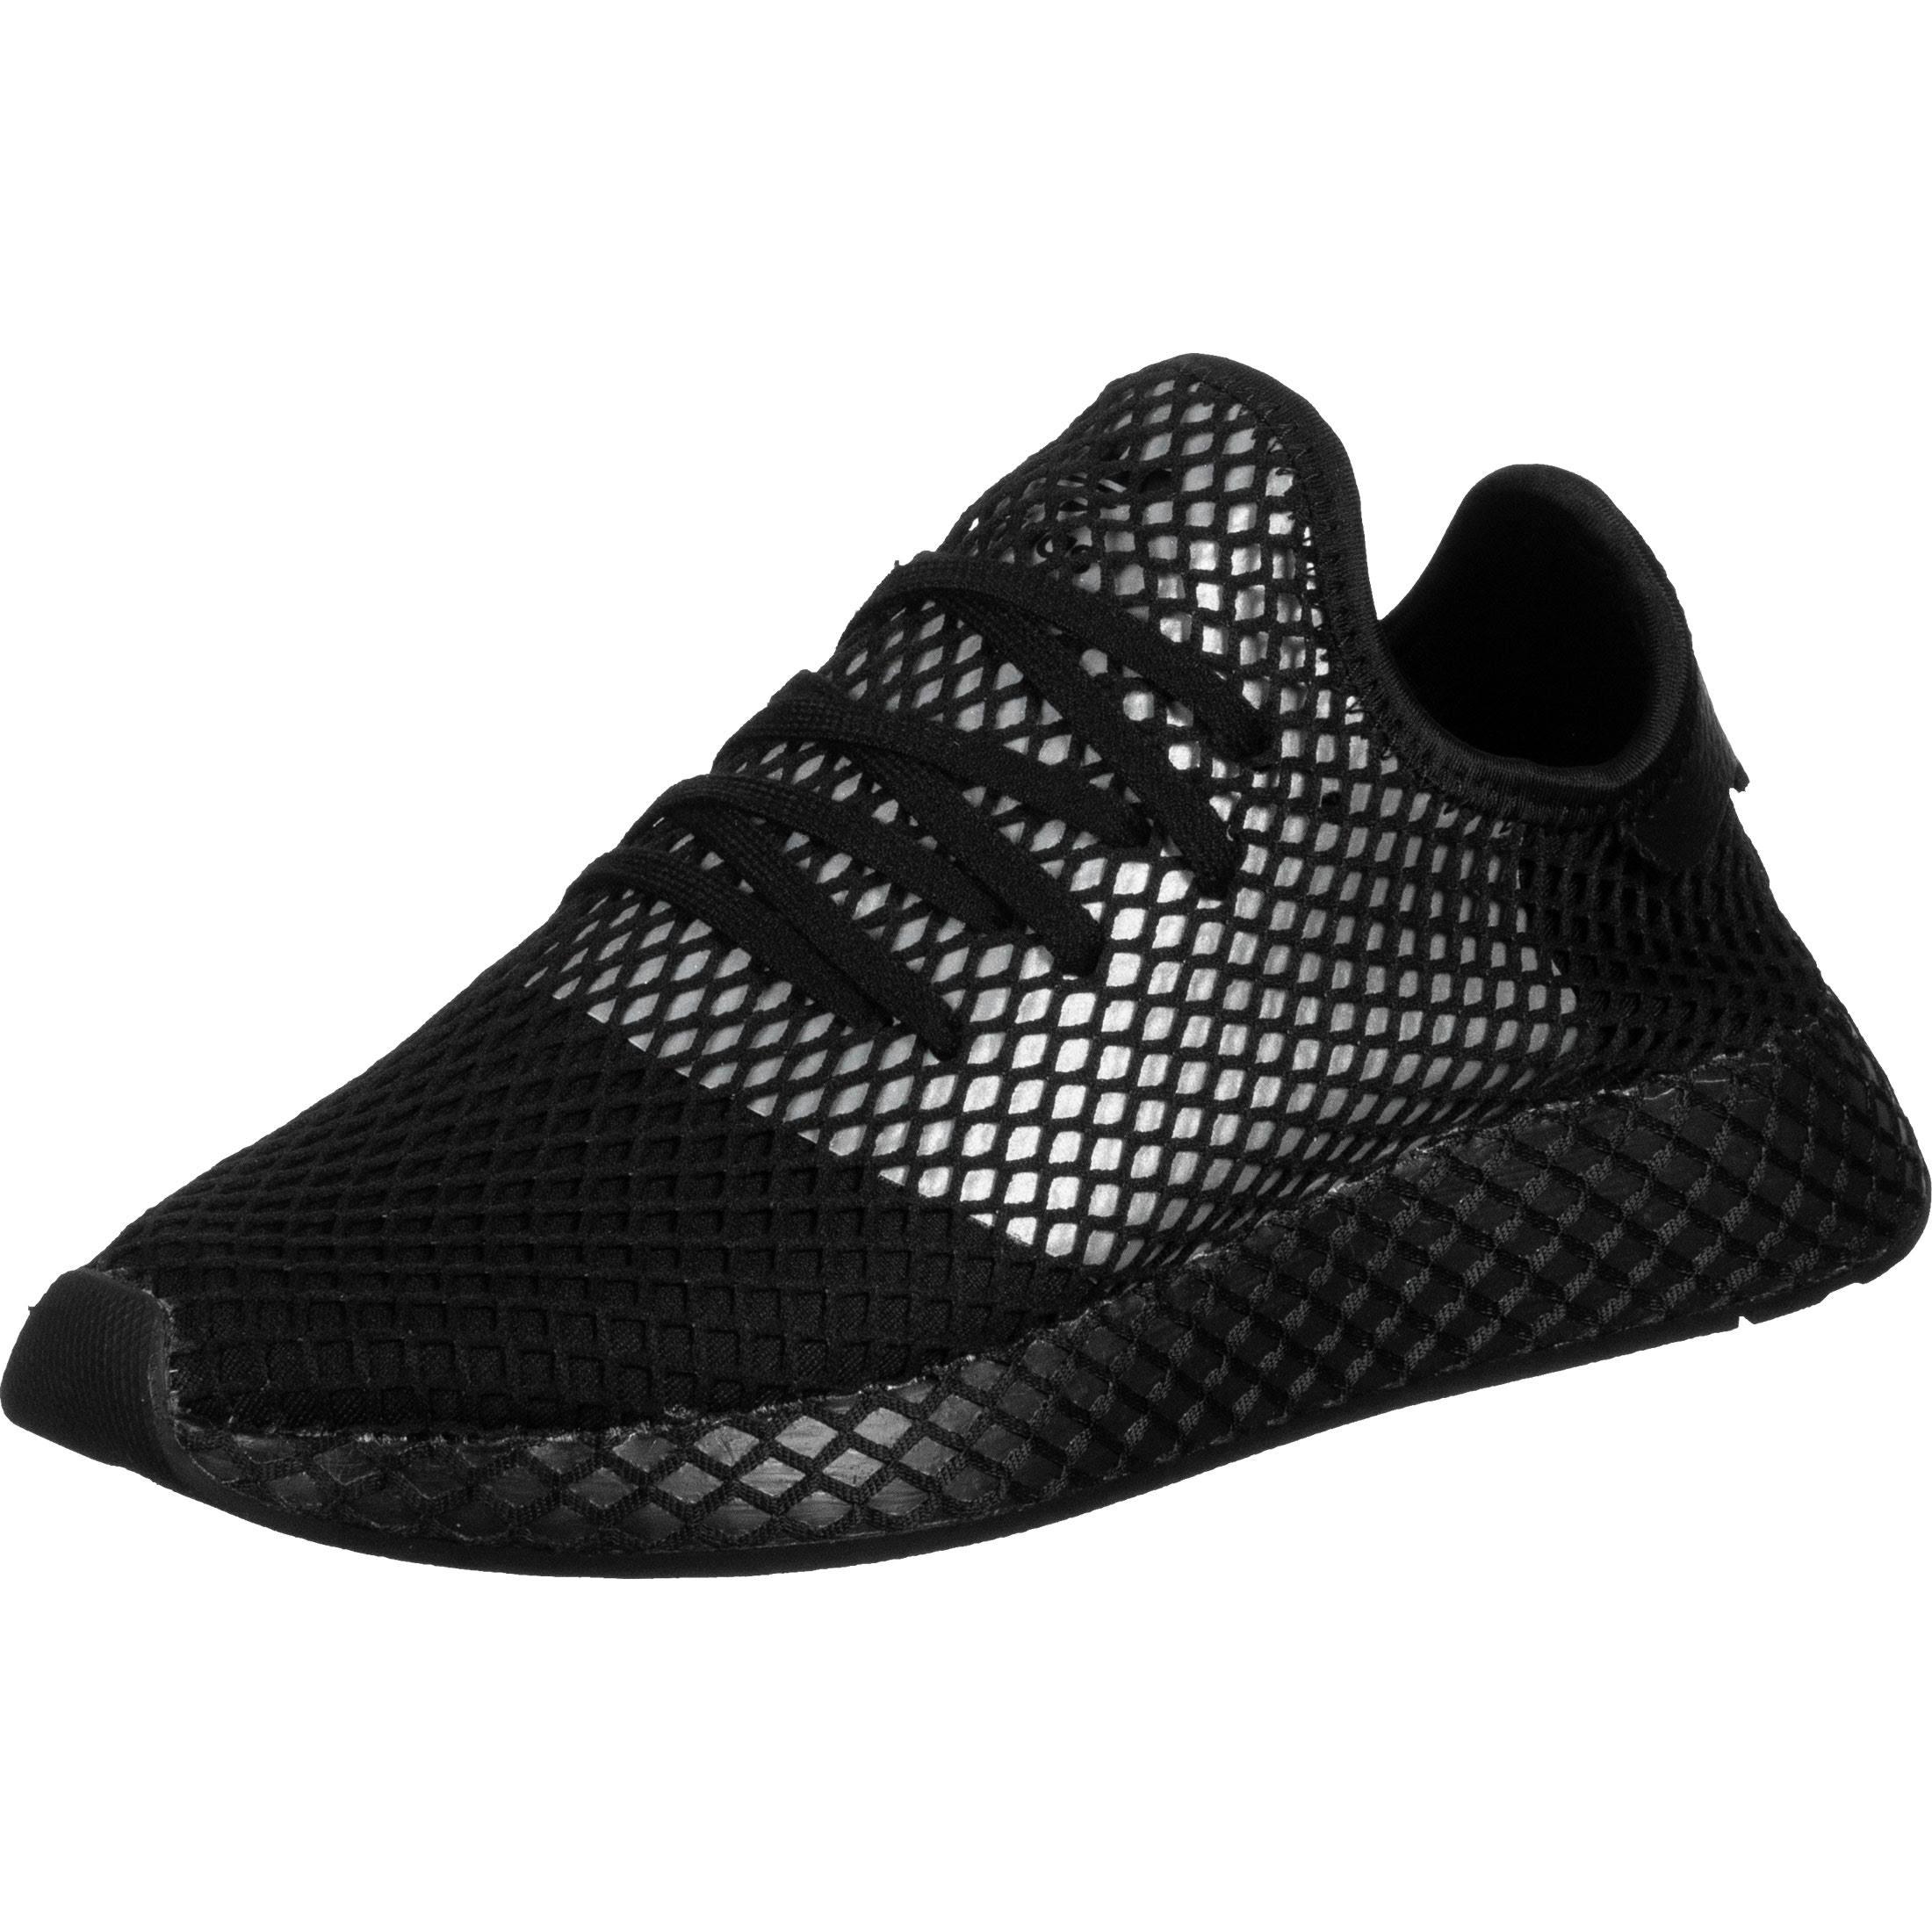 Adidas Originals Deerupt Runner Trainers - Black